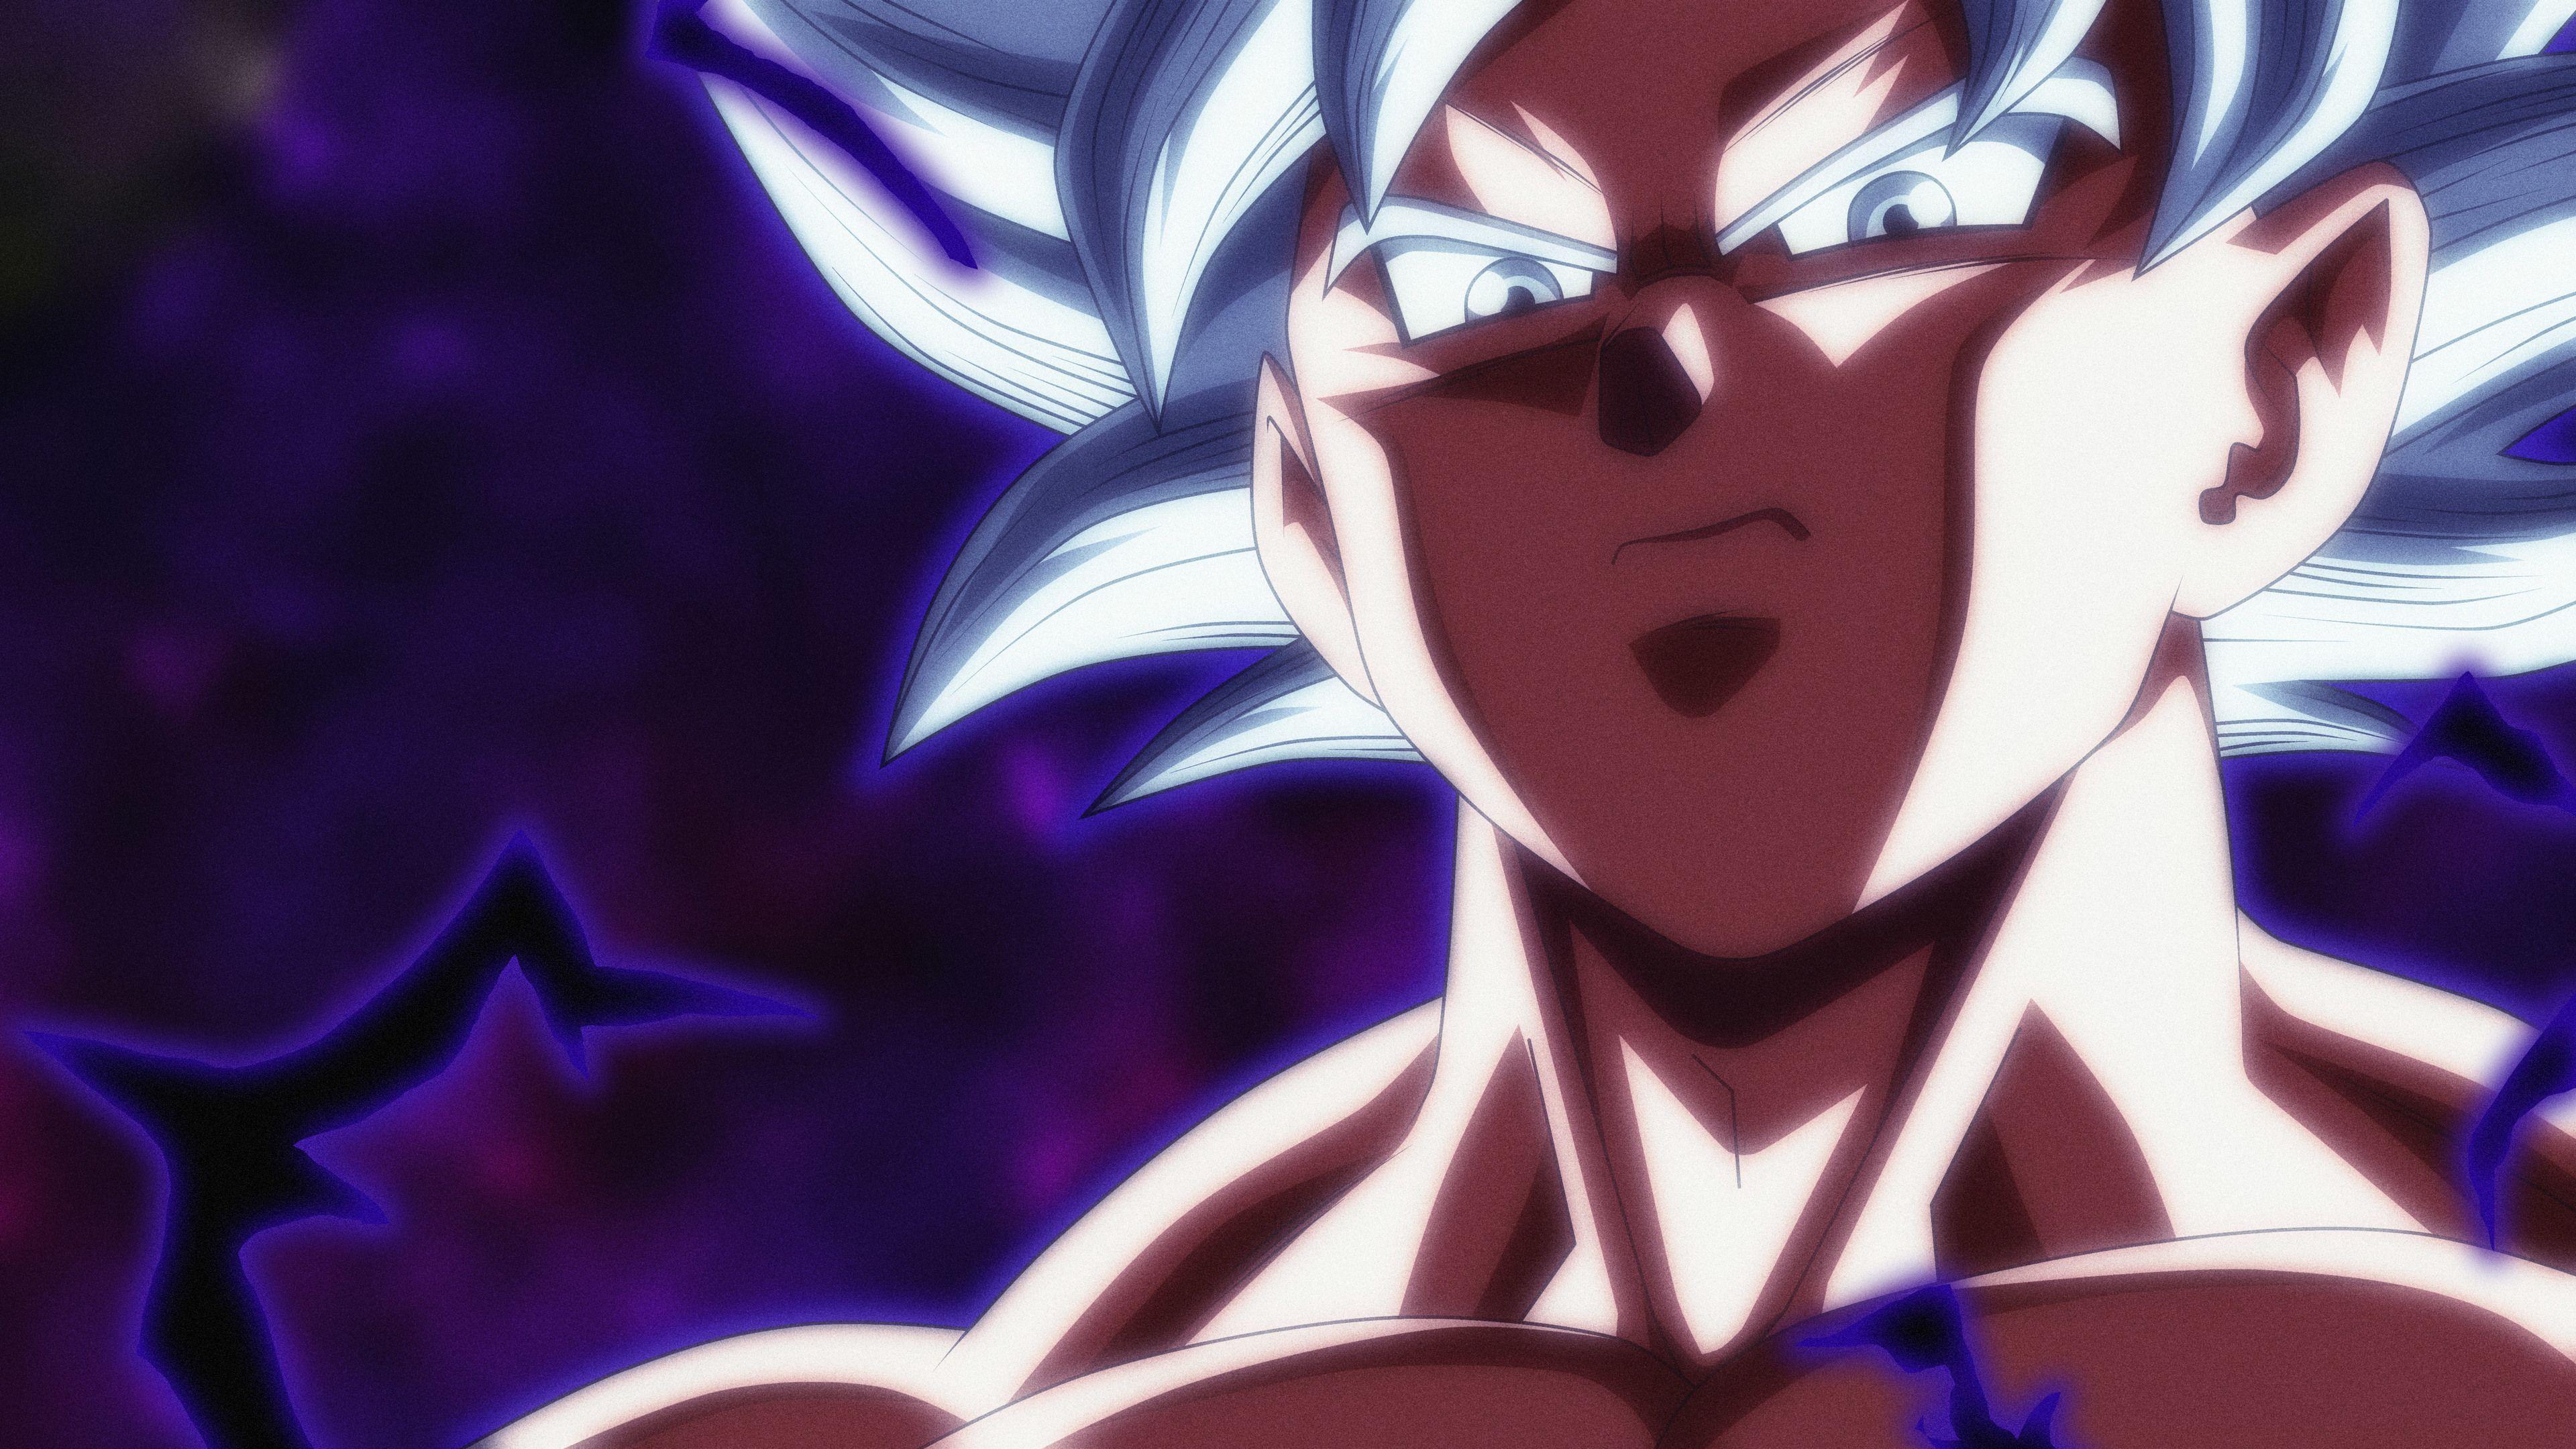 Son Goku Dragon Ball Super Anime 4k Hd Wallpapers Goku Wallpapers Dragon Ball Wal Dragon Ball Wallpapers Anime Dragon Ball Super Dragon Ball Super Wallpapers